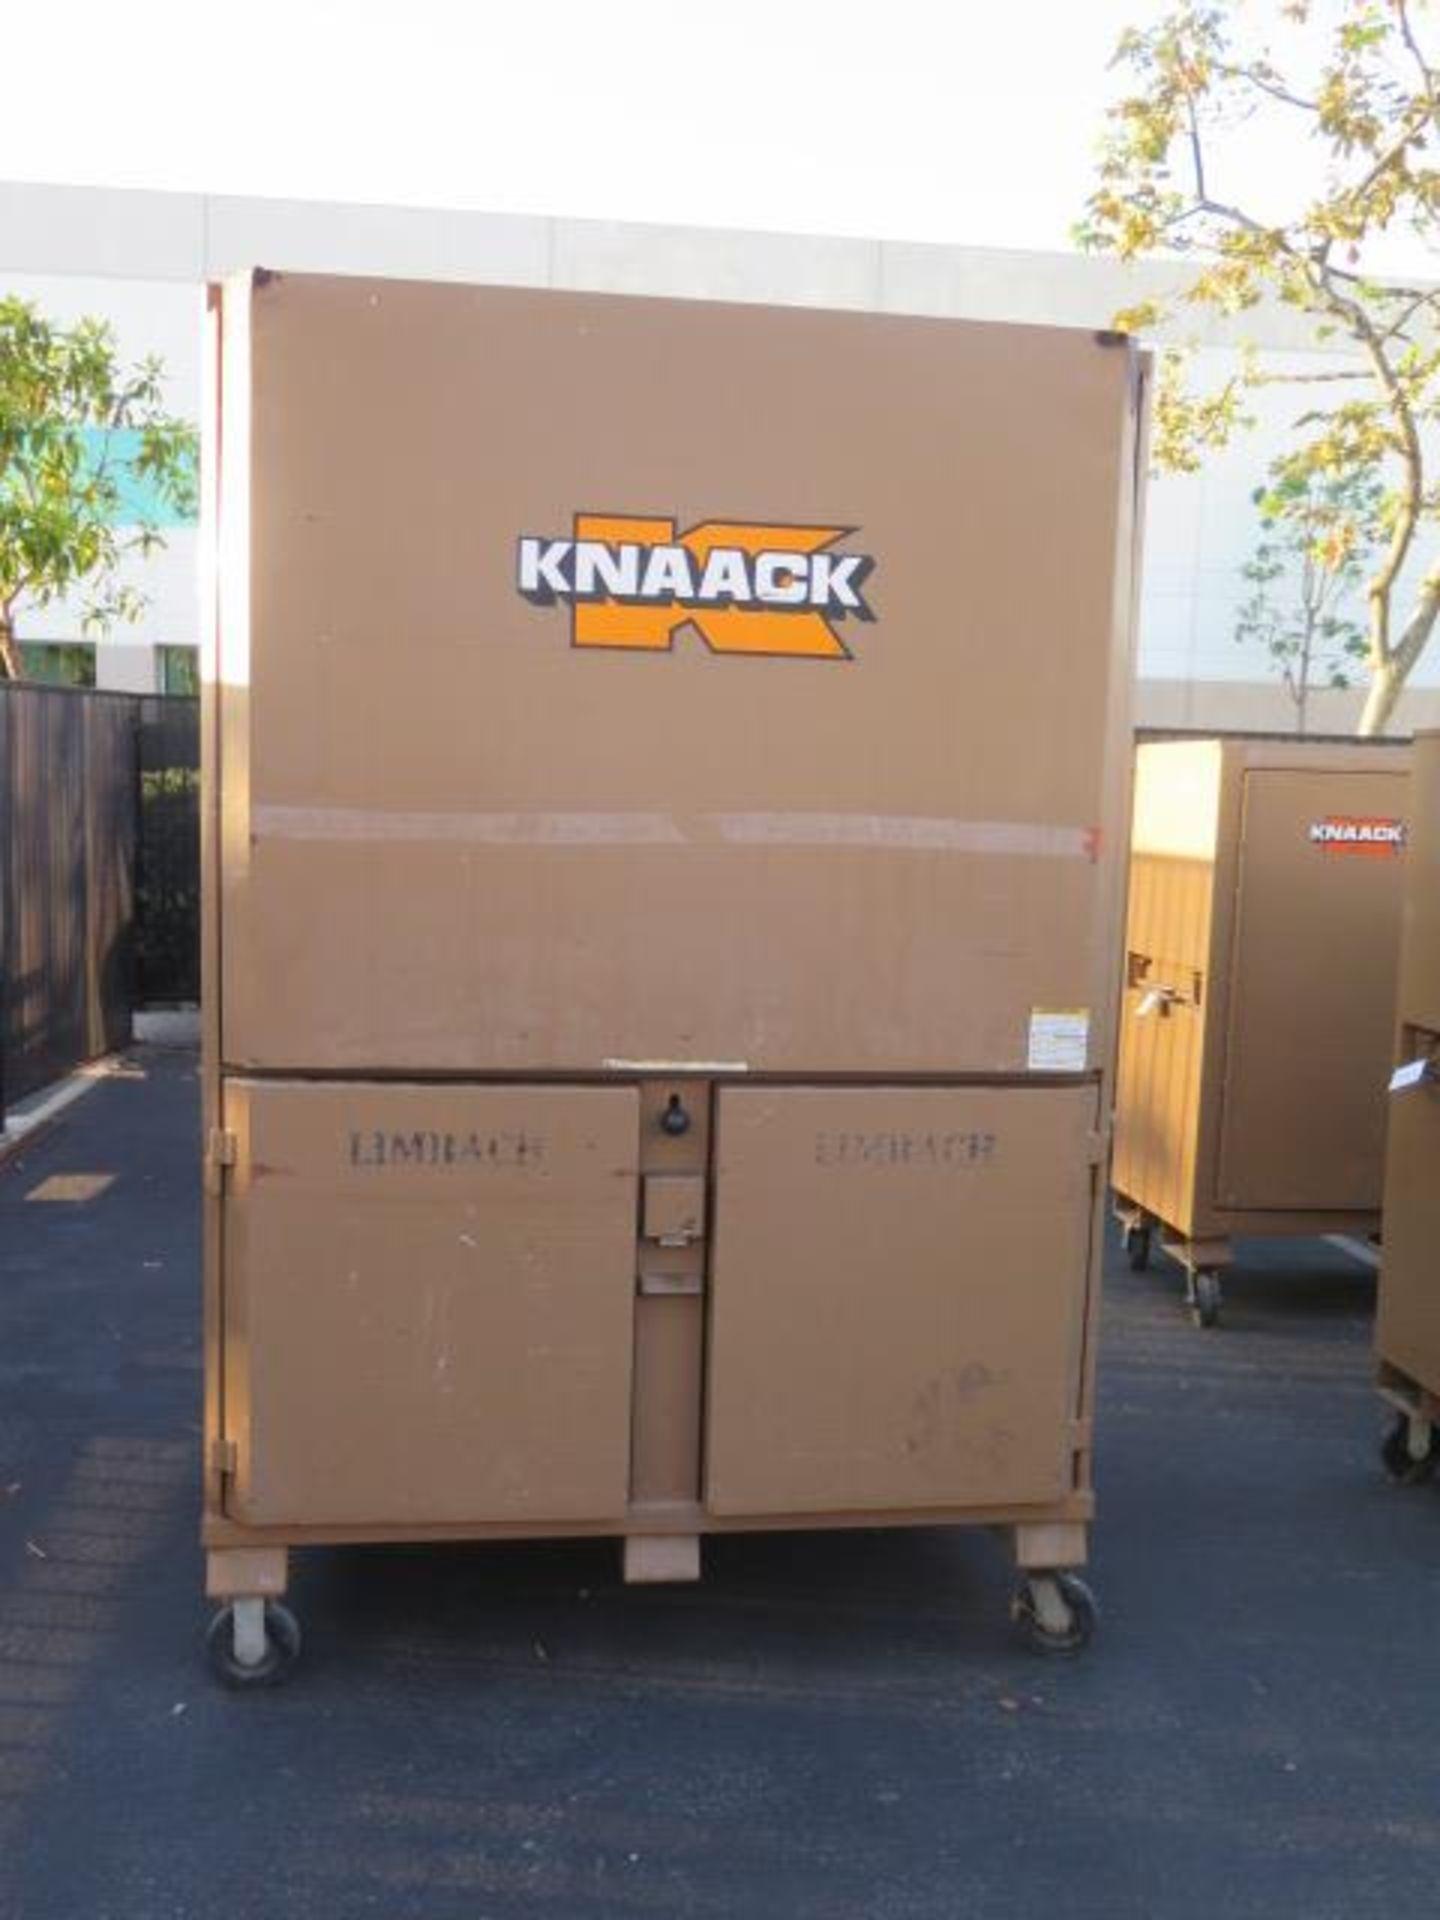 Knaack mdl. 119-01 Rolling Job Box (SOLD AS-IS - NO WARRANTY)